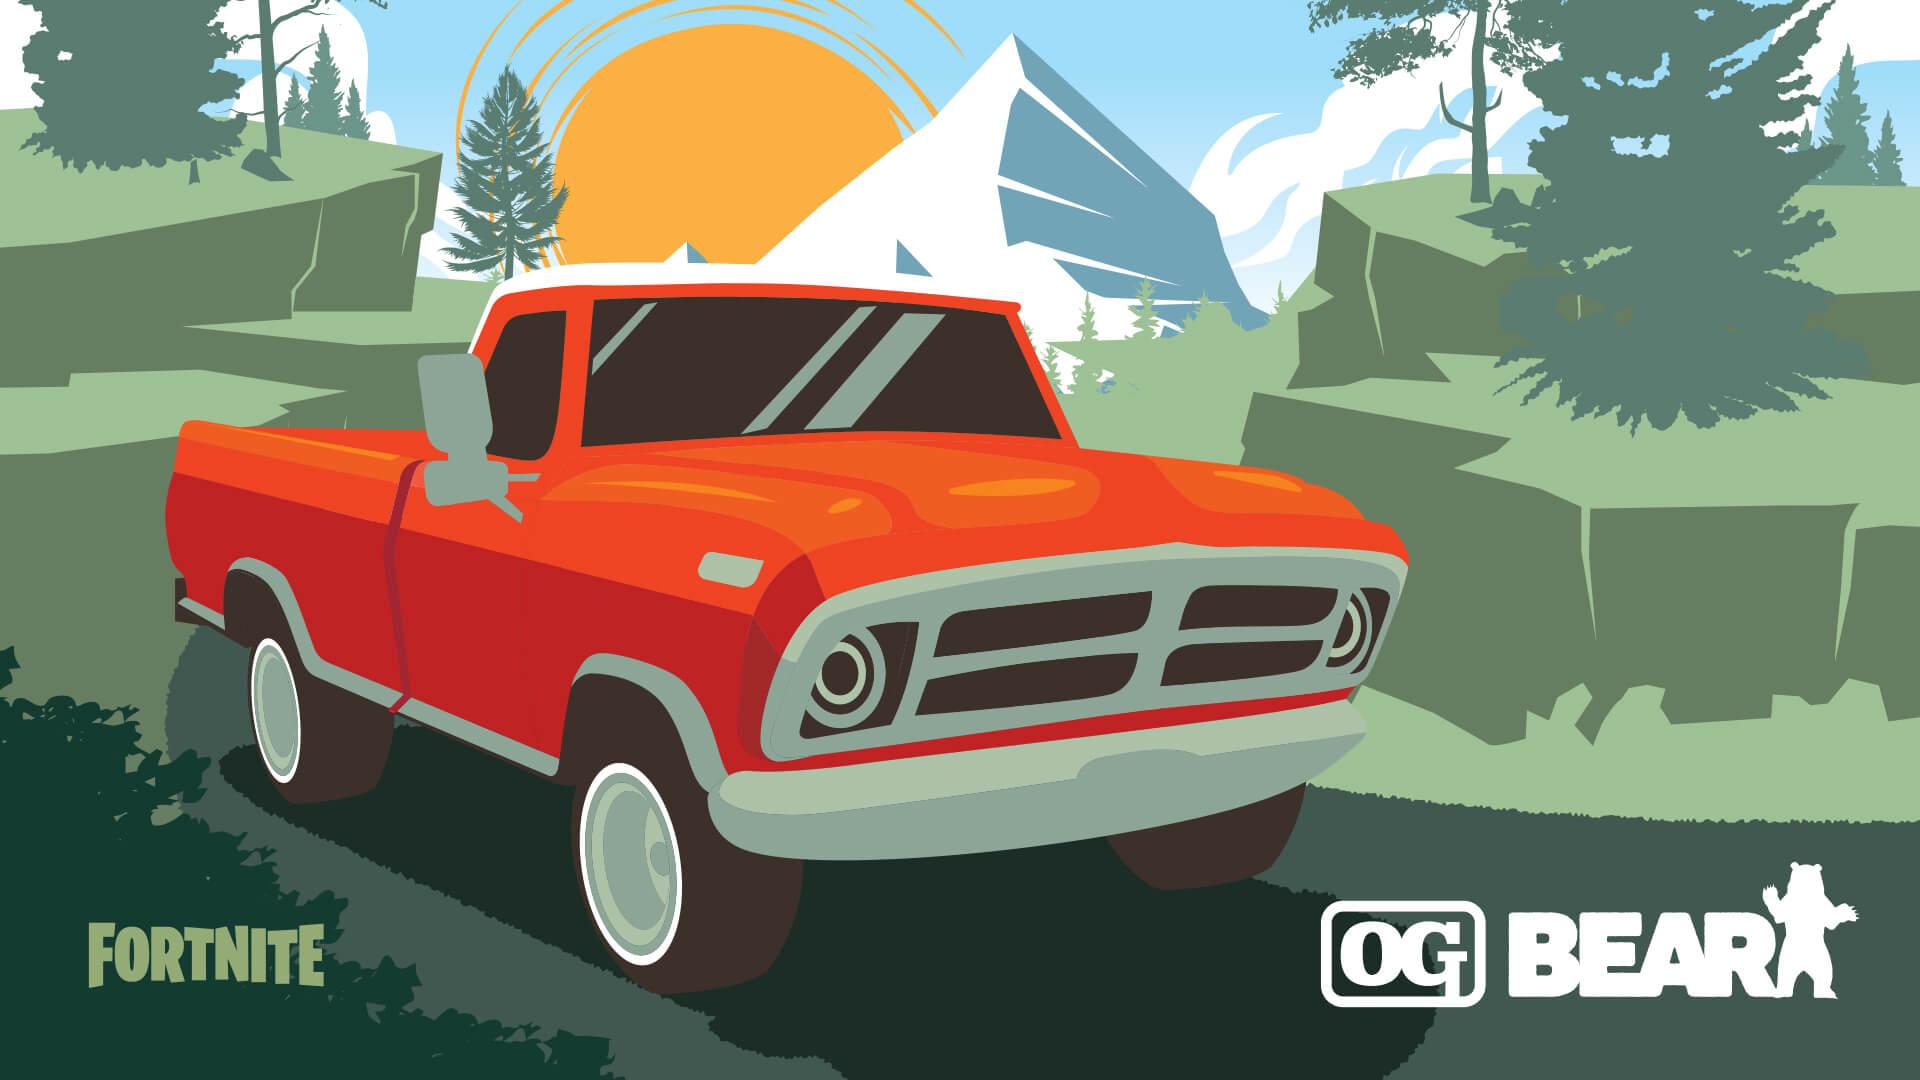 New cars for Fortnite pickup truck